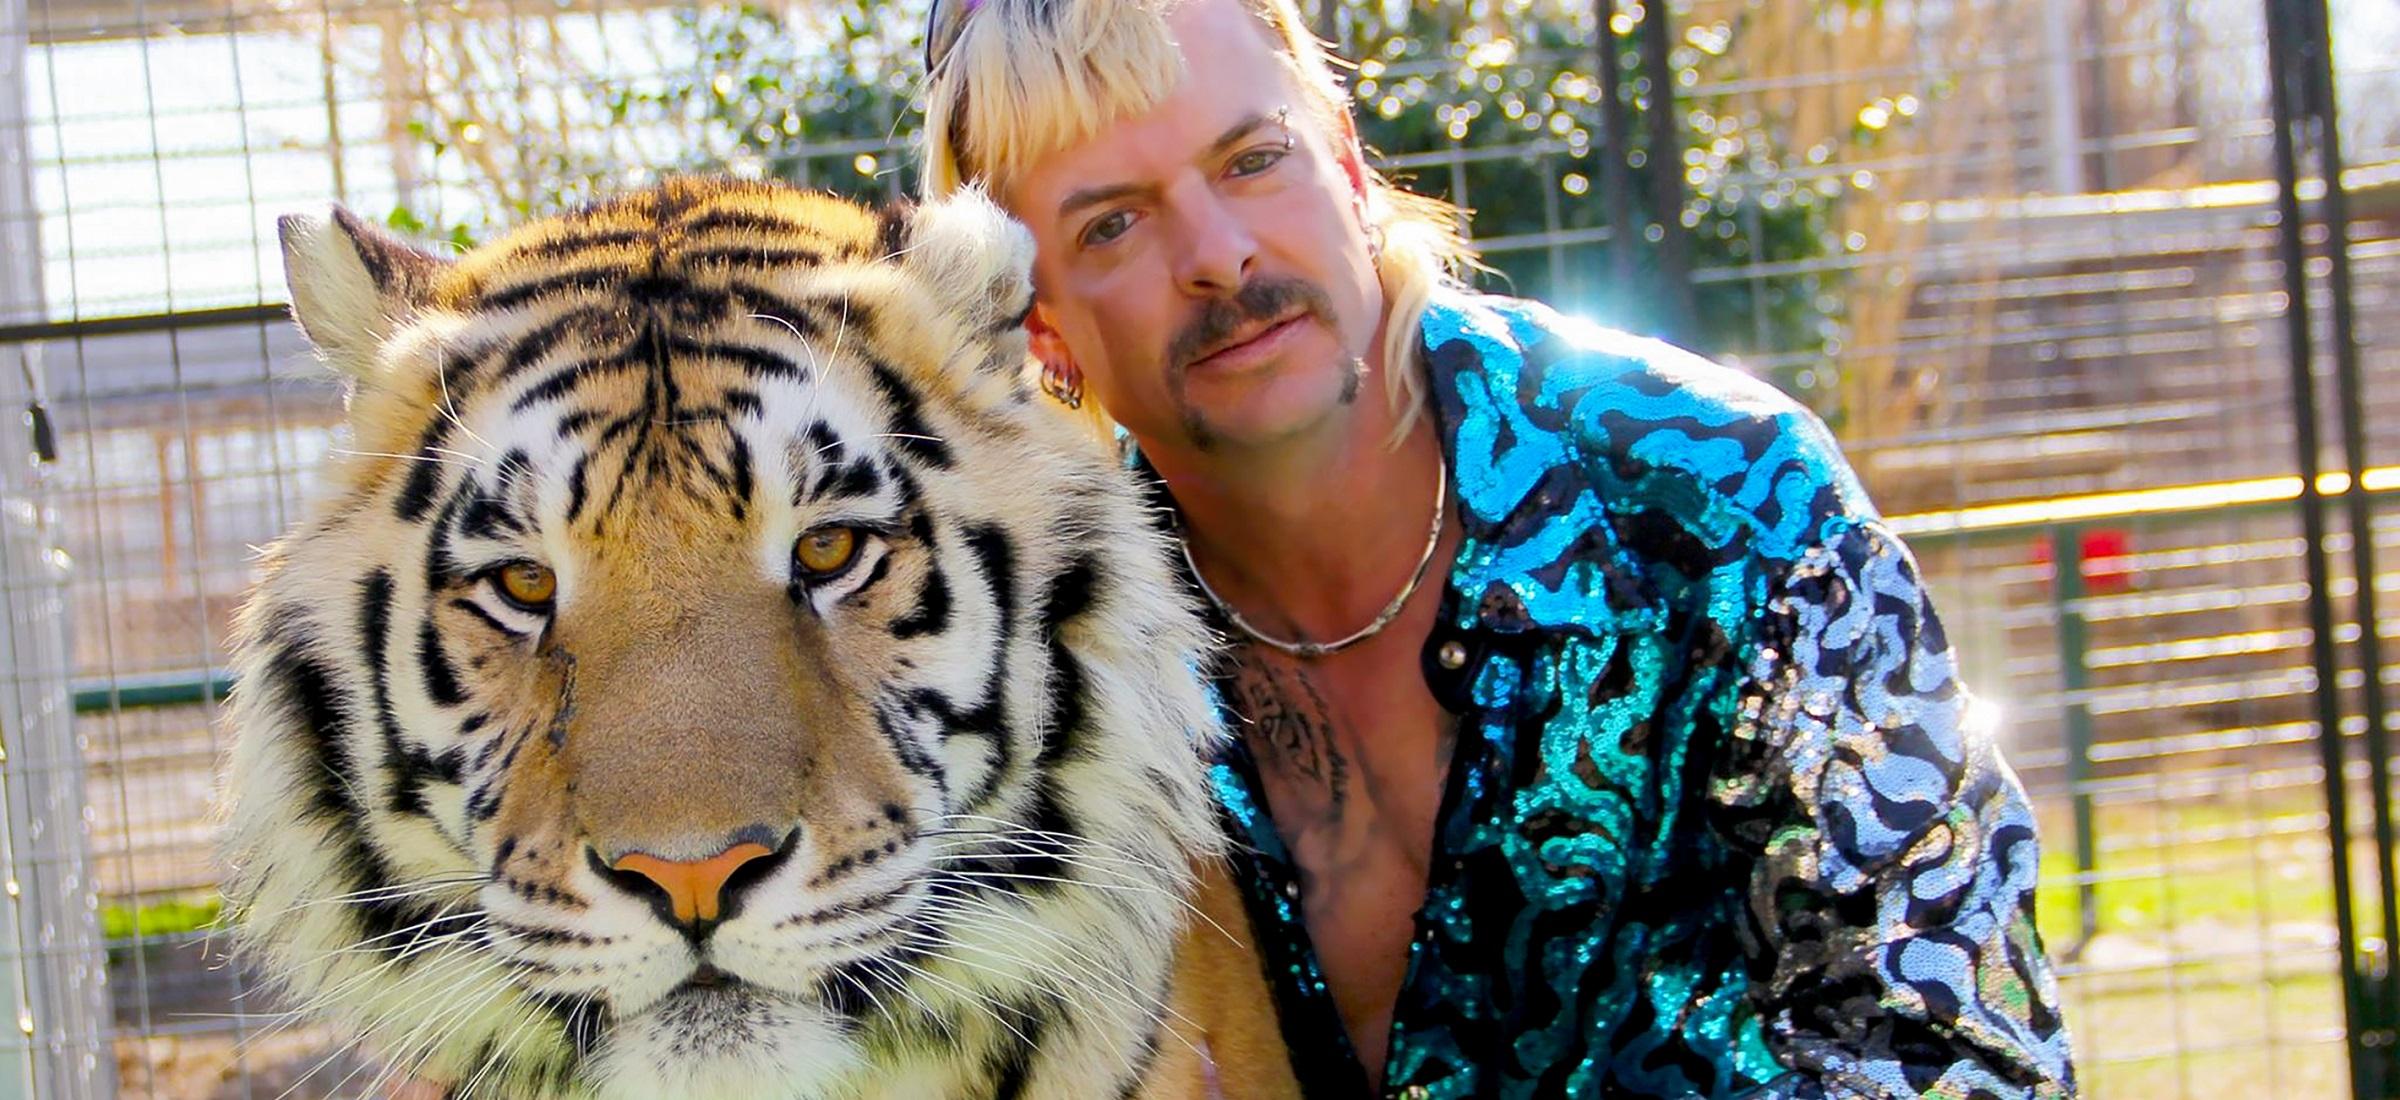 król tygrysów joe exotic